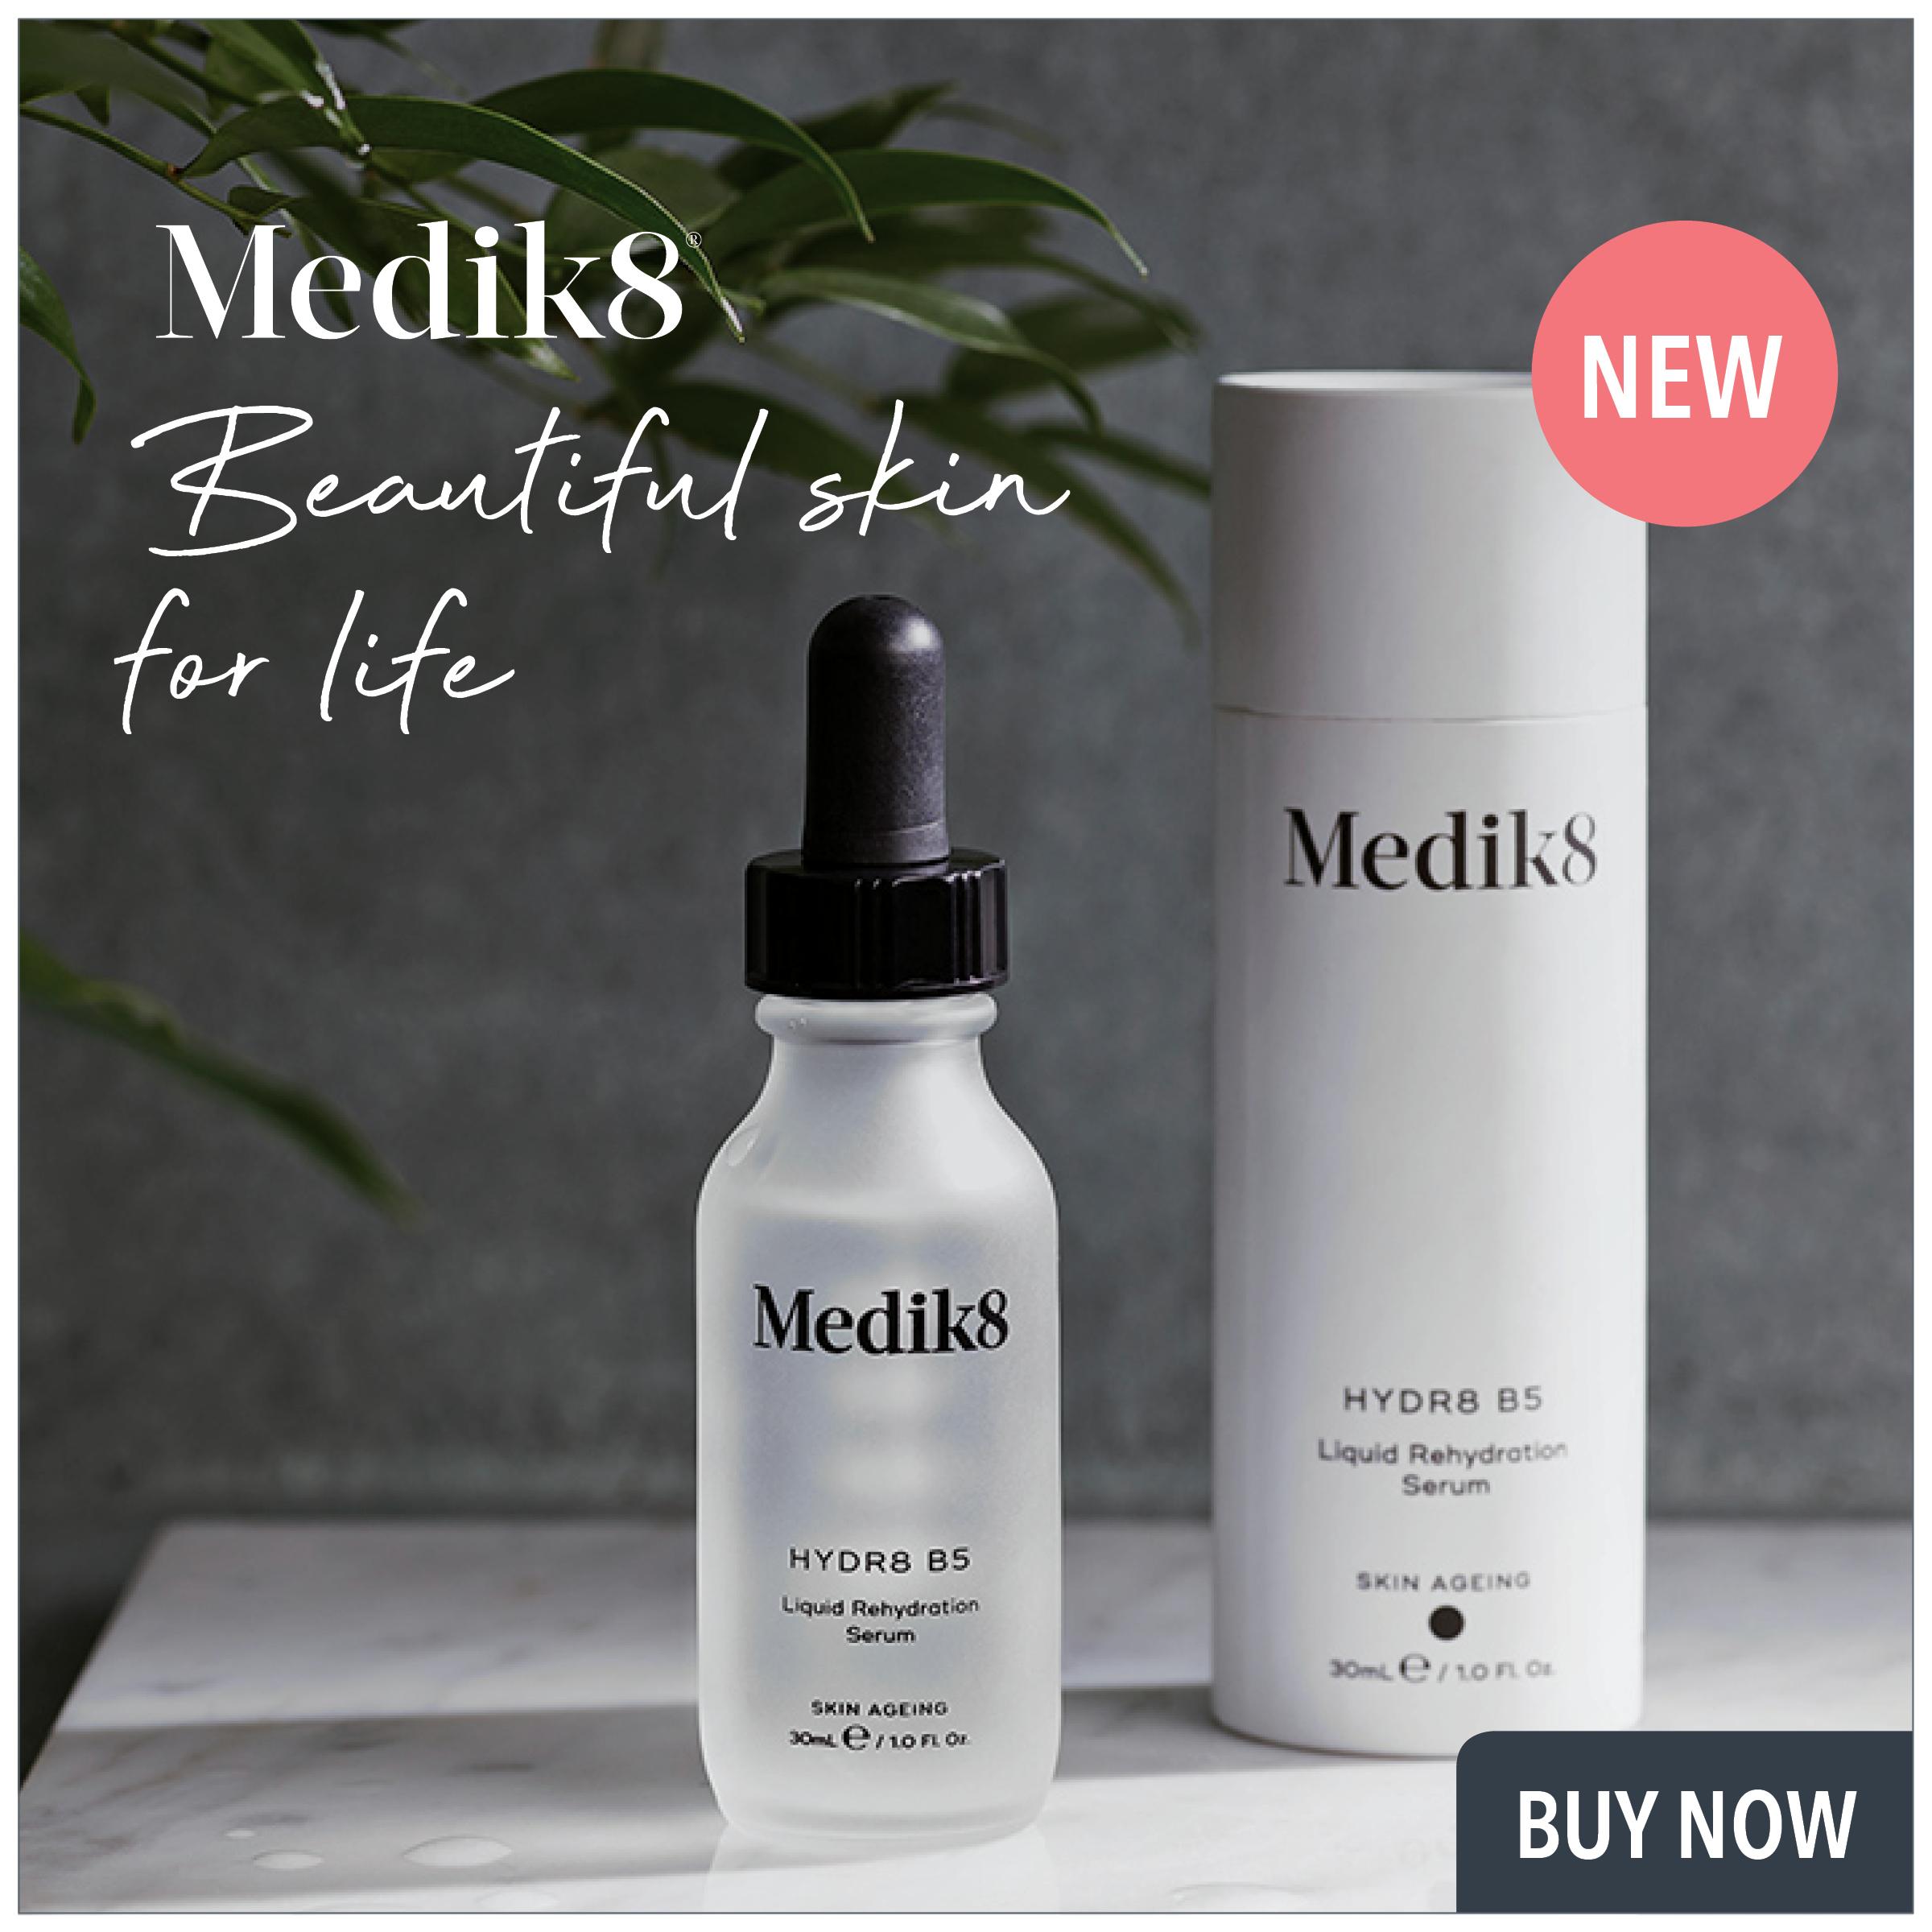 medik8 from prodermal